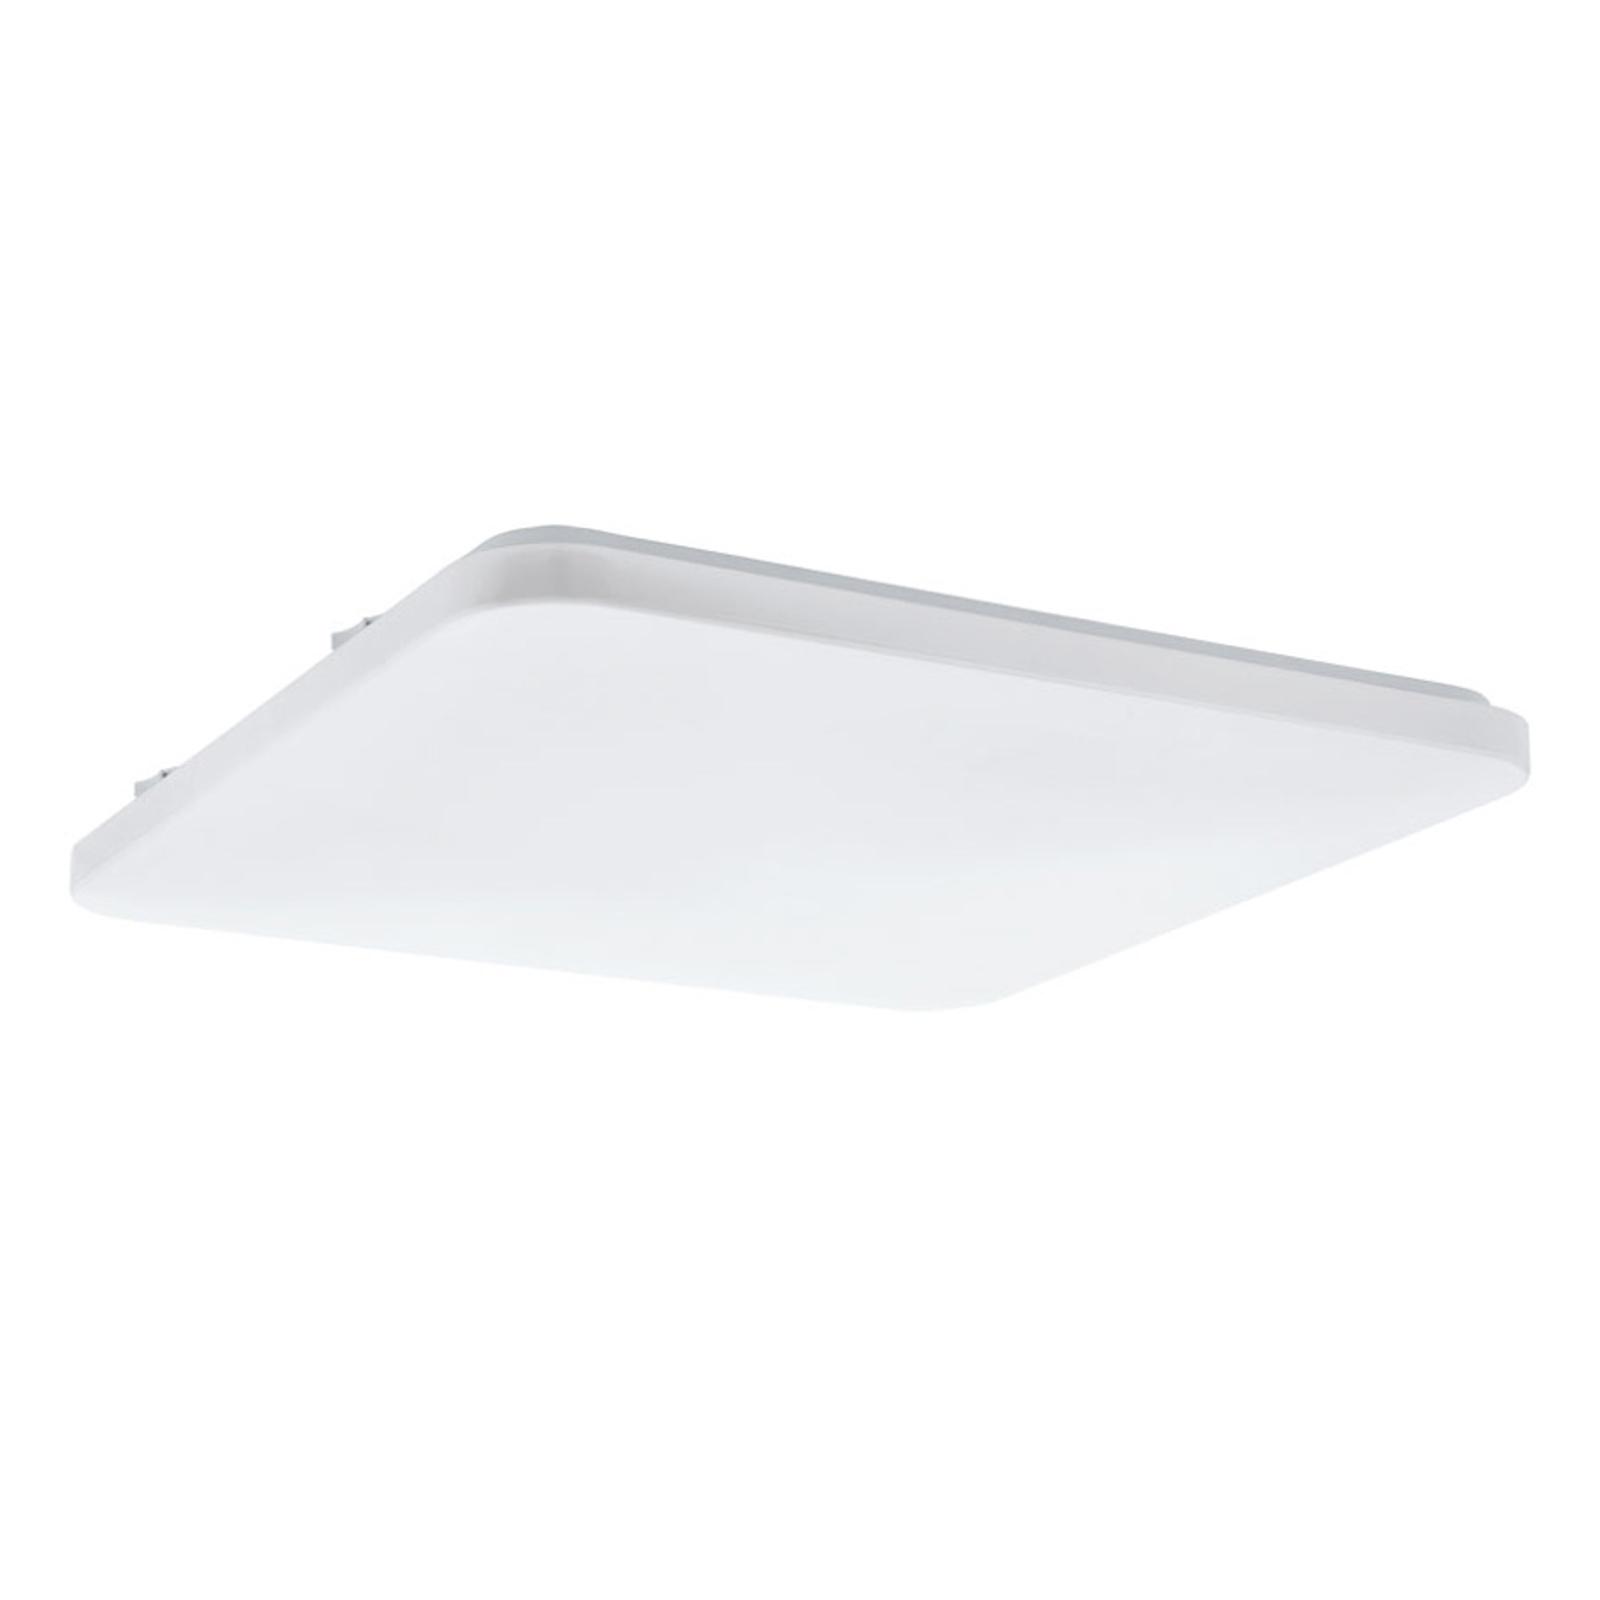 Lampa sufitowa LED Frania kątowa